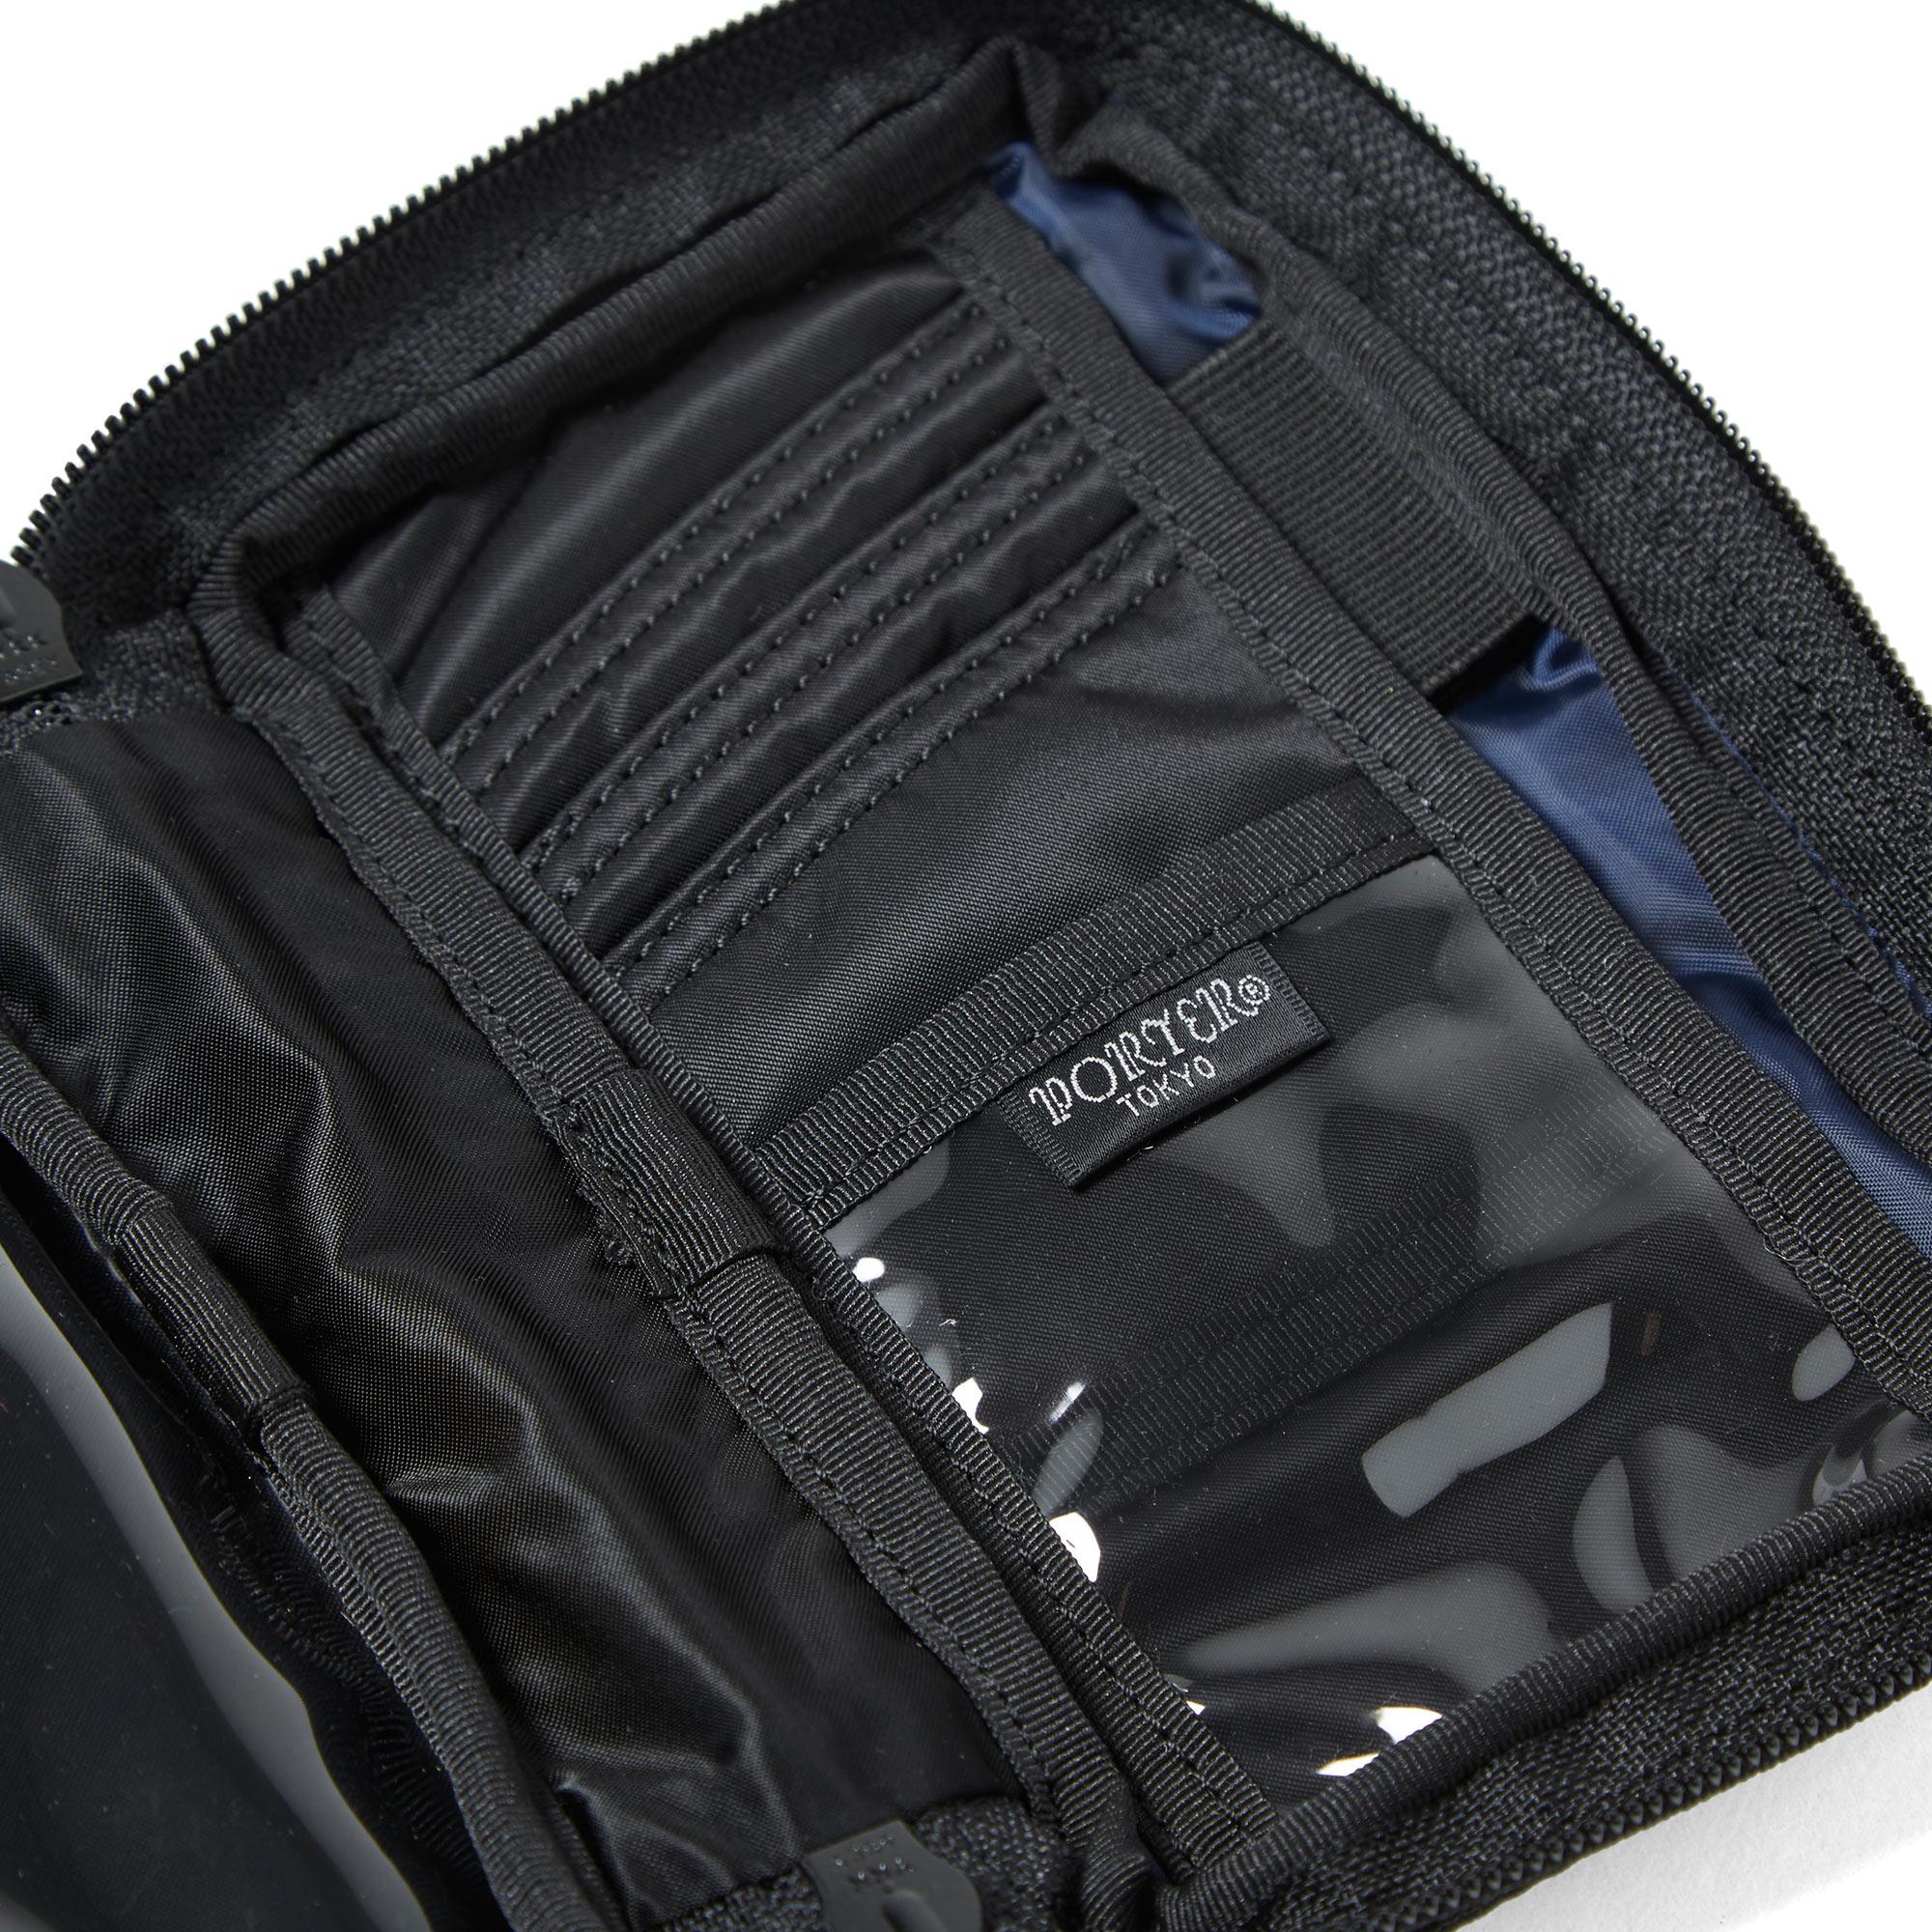 Undercover x porter zip wallet black for Undercover x porter